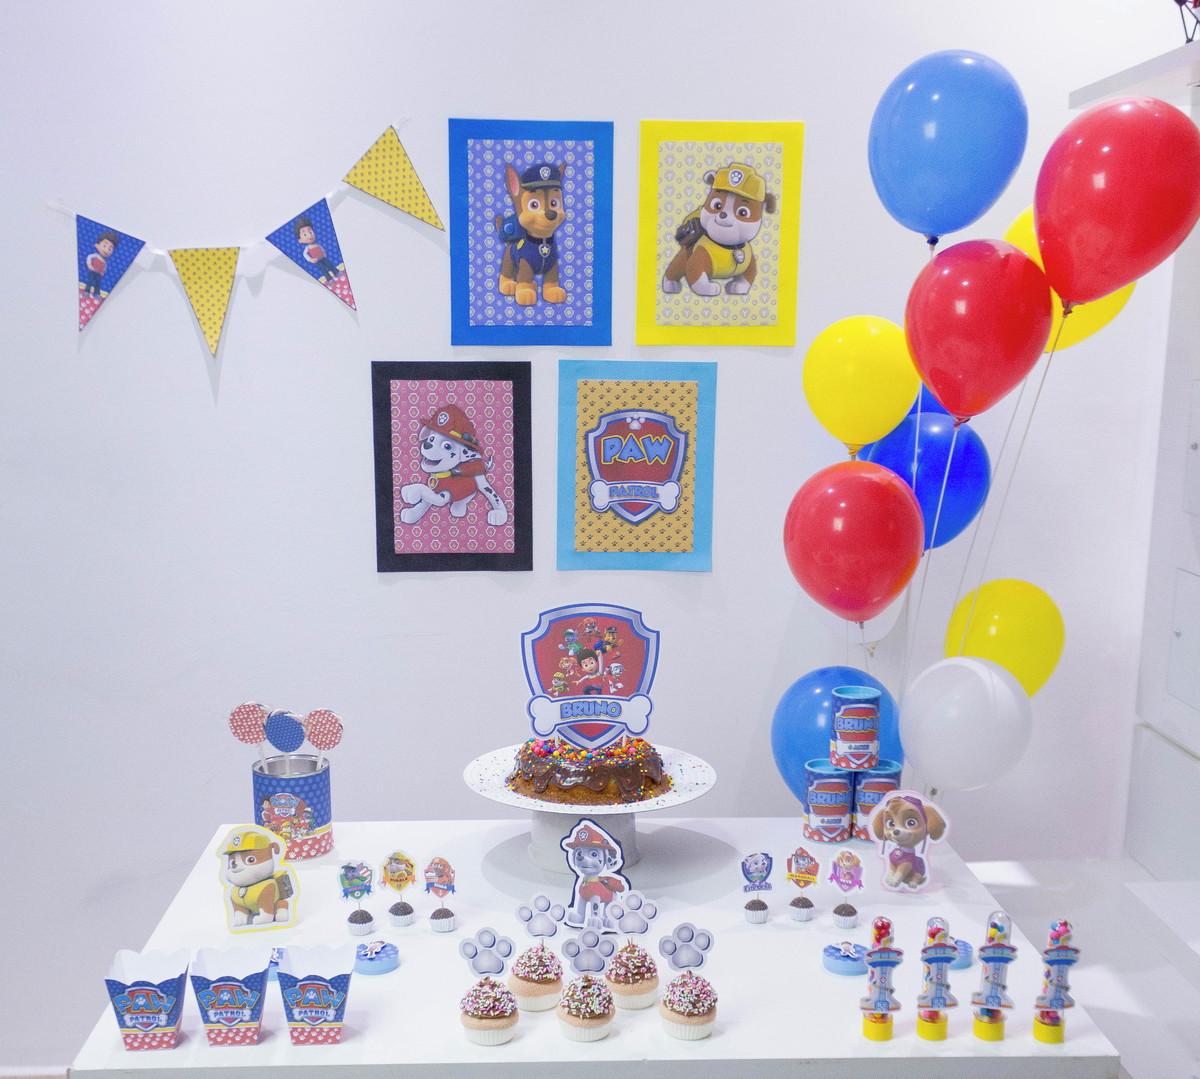 Festa de aniversário simples Patrulha Canina